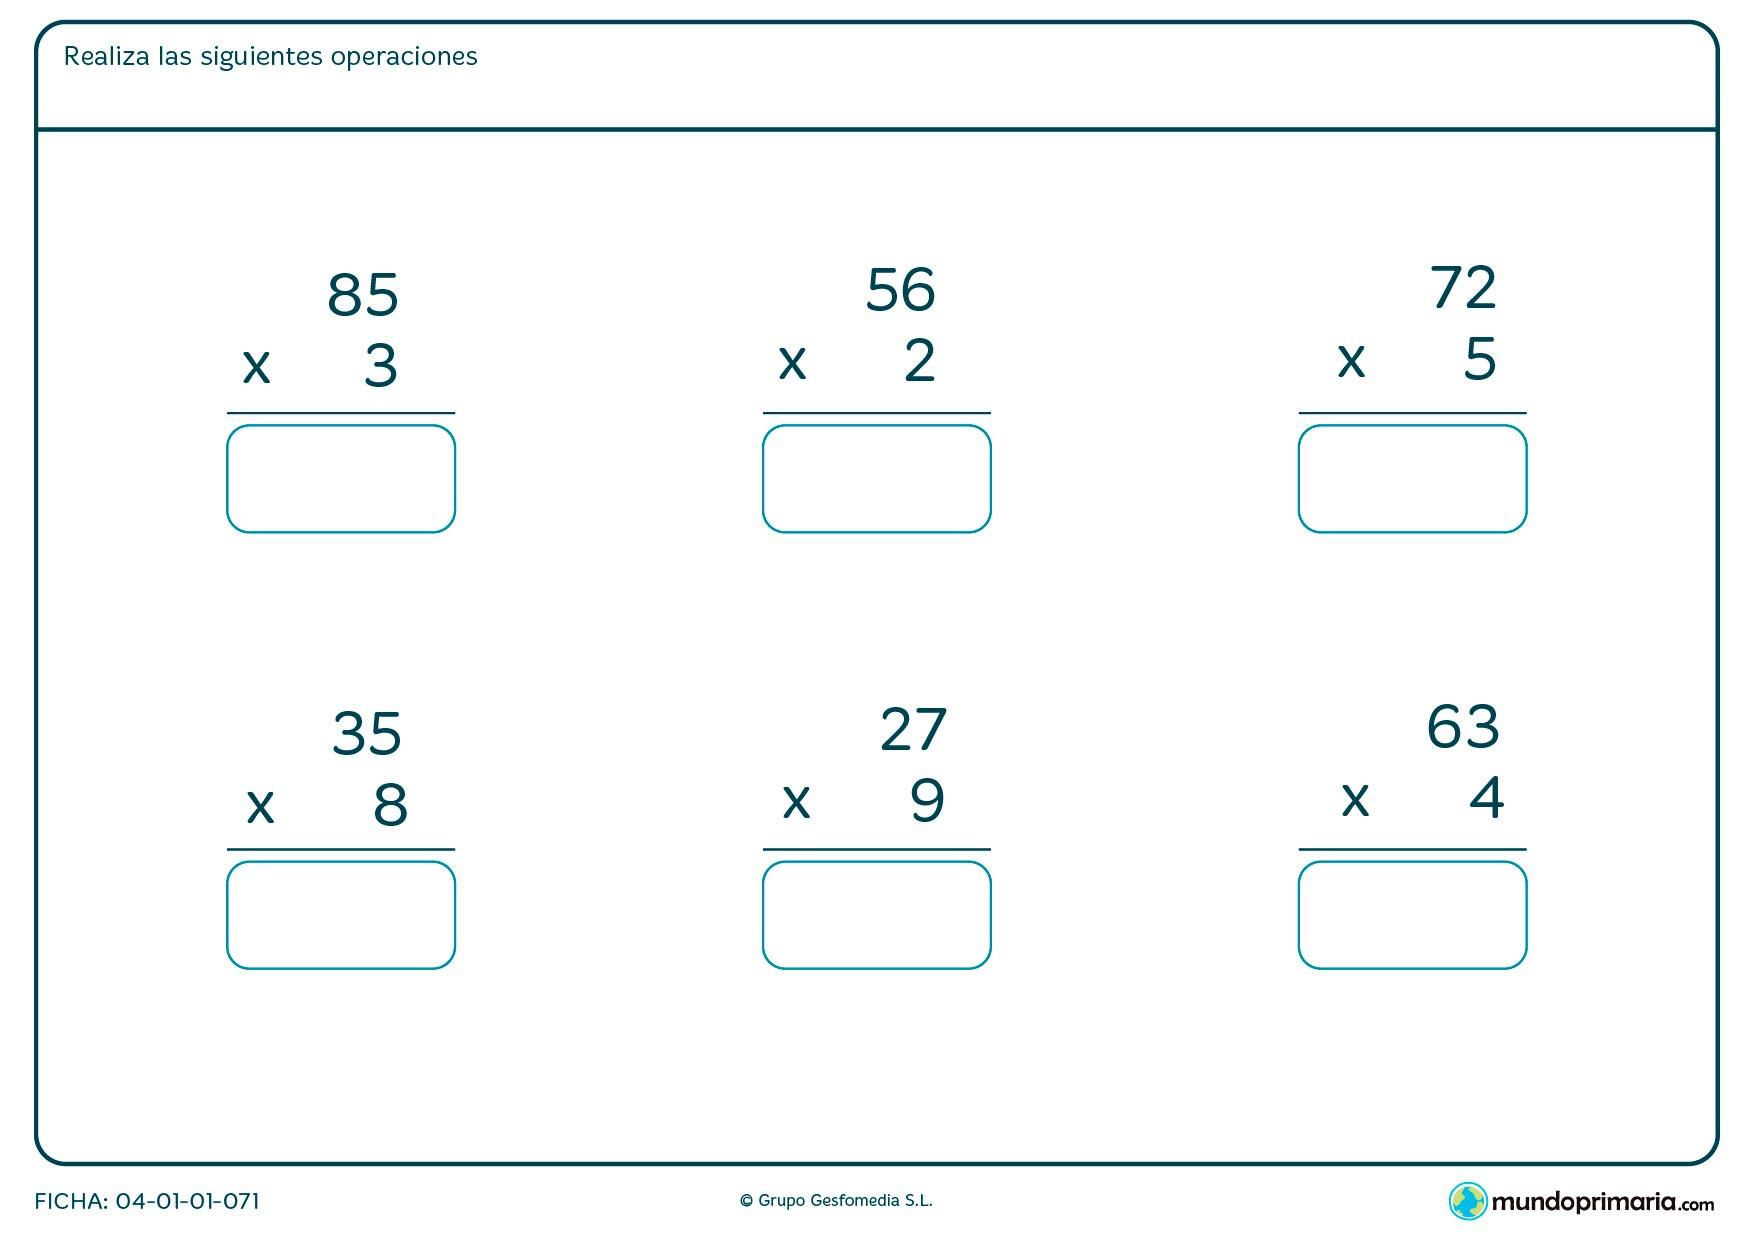 Ficha de dar el resultado de multiplicaciones fáciles para Primaria por la que los niños tendrán que solucionar las operaciones propuestas y escribir el resultado en el recuadro azul.